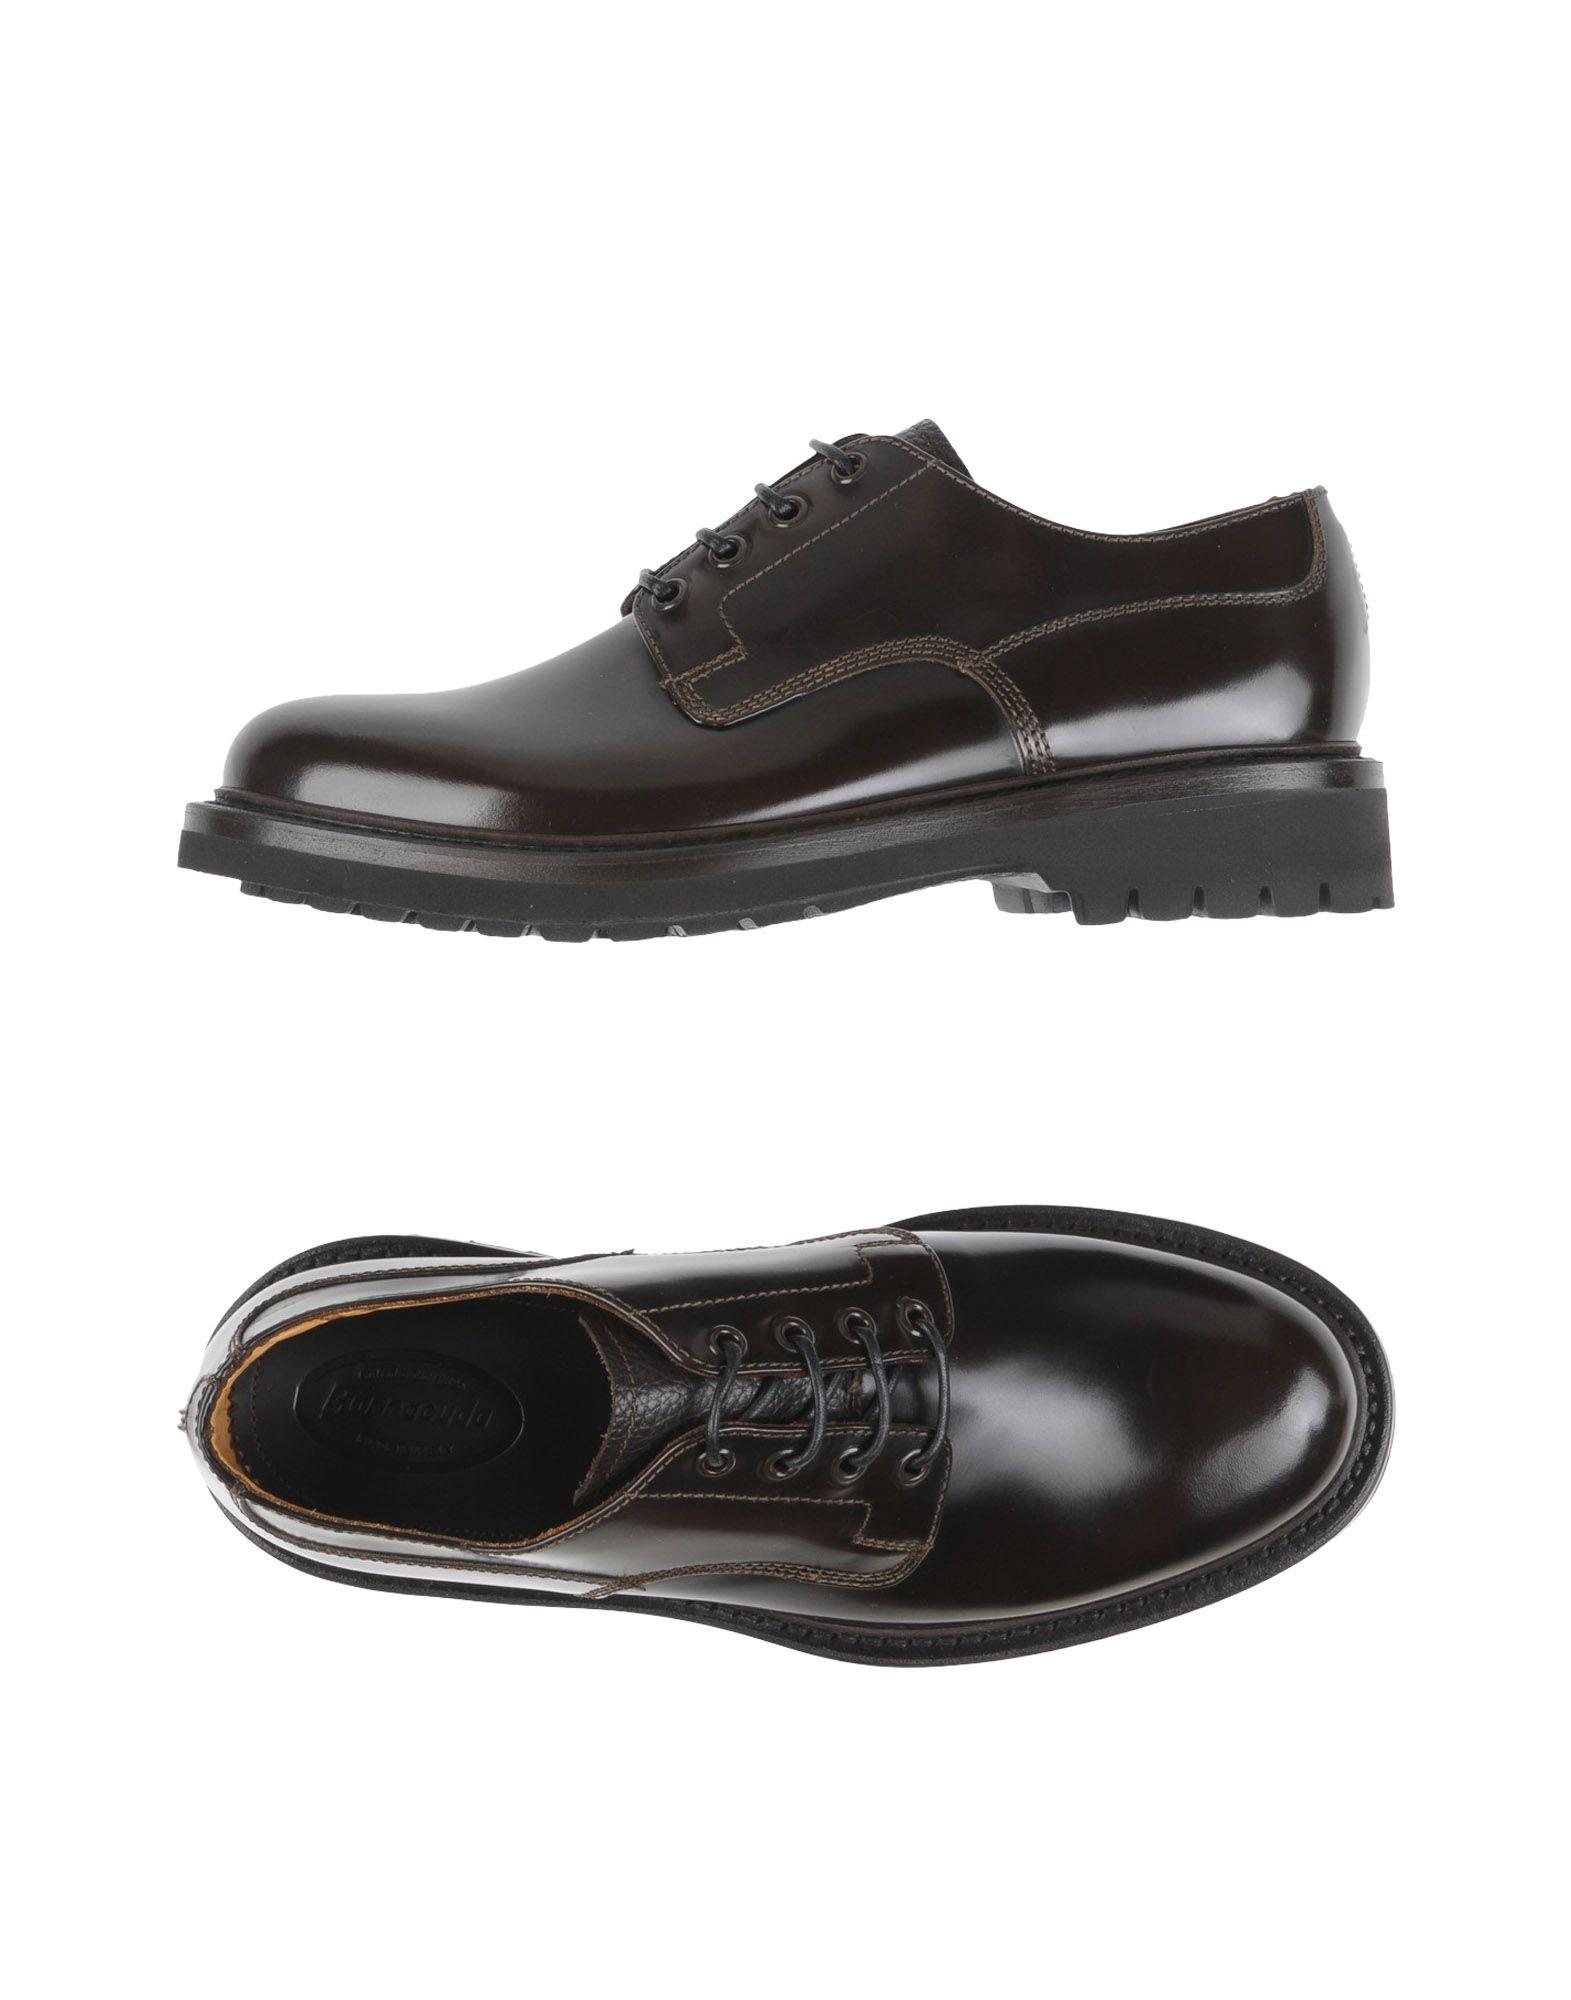 Barracuda Schnürschuhe Herren  11304043CM Gute Qualität beliebte Schuhe